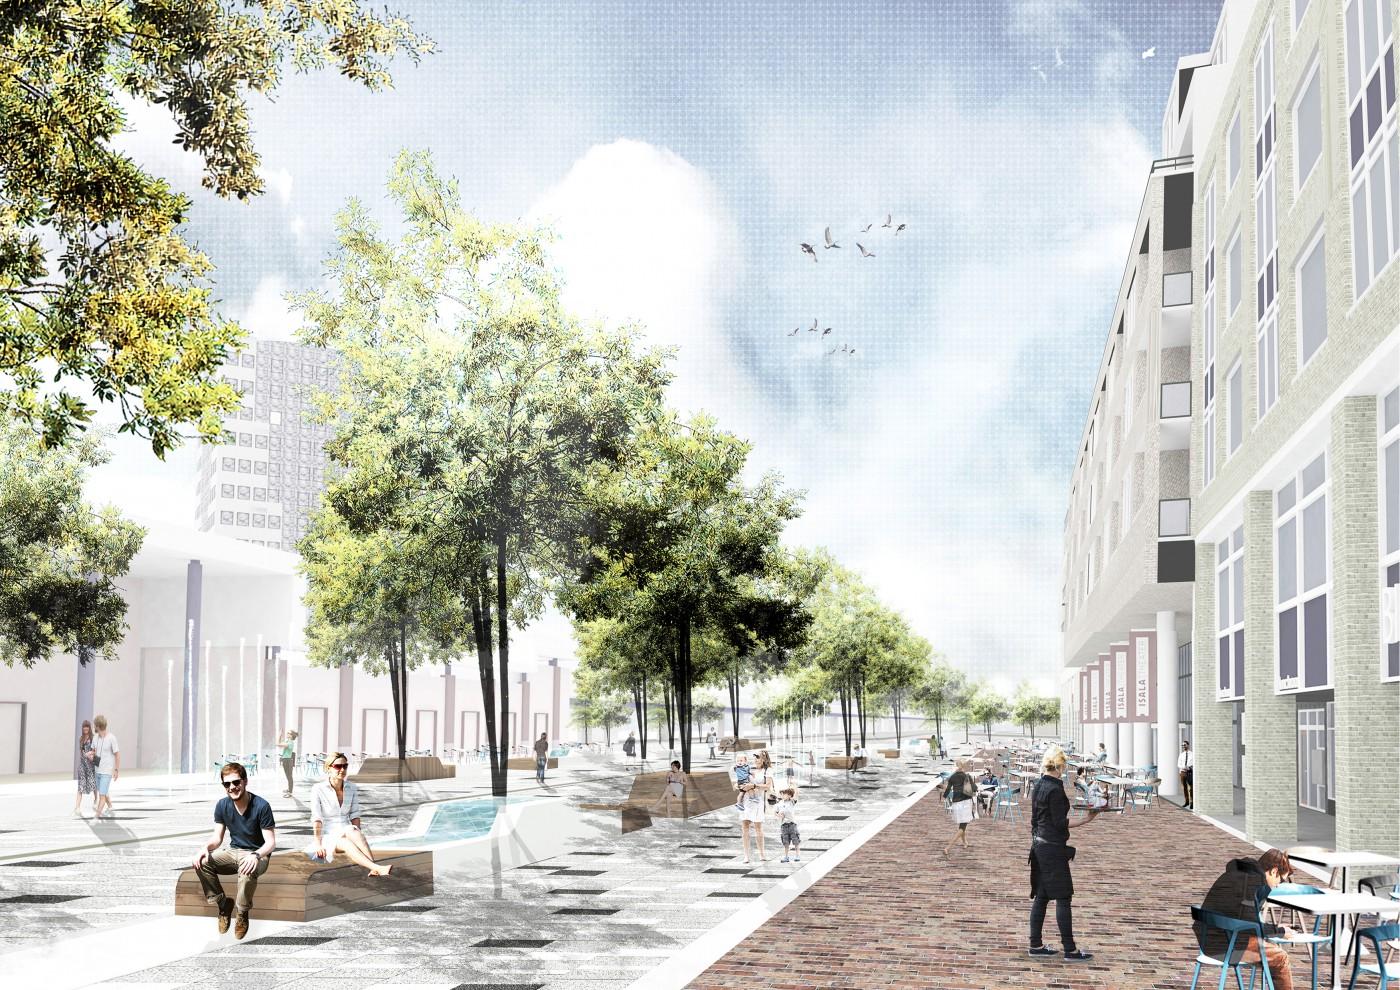 buro-sant-en-co-landschapsarchitectuur-stadsplein-capelle aan den ijssel-plein-herinrichting-groen-water-klimaatadaptief-schetsontwerp-model liniair-impressie-1